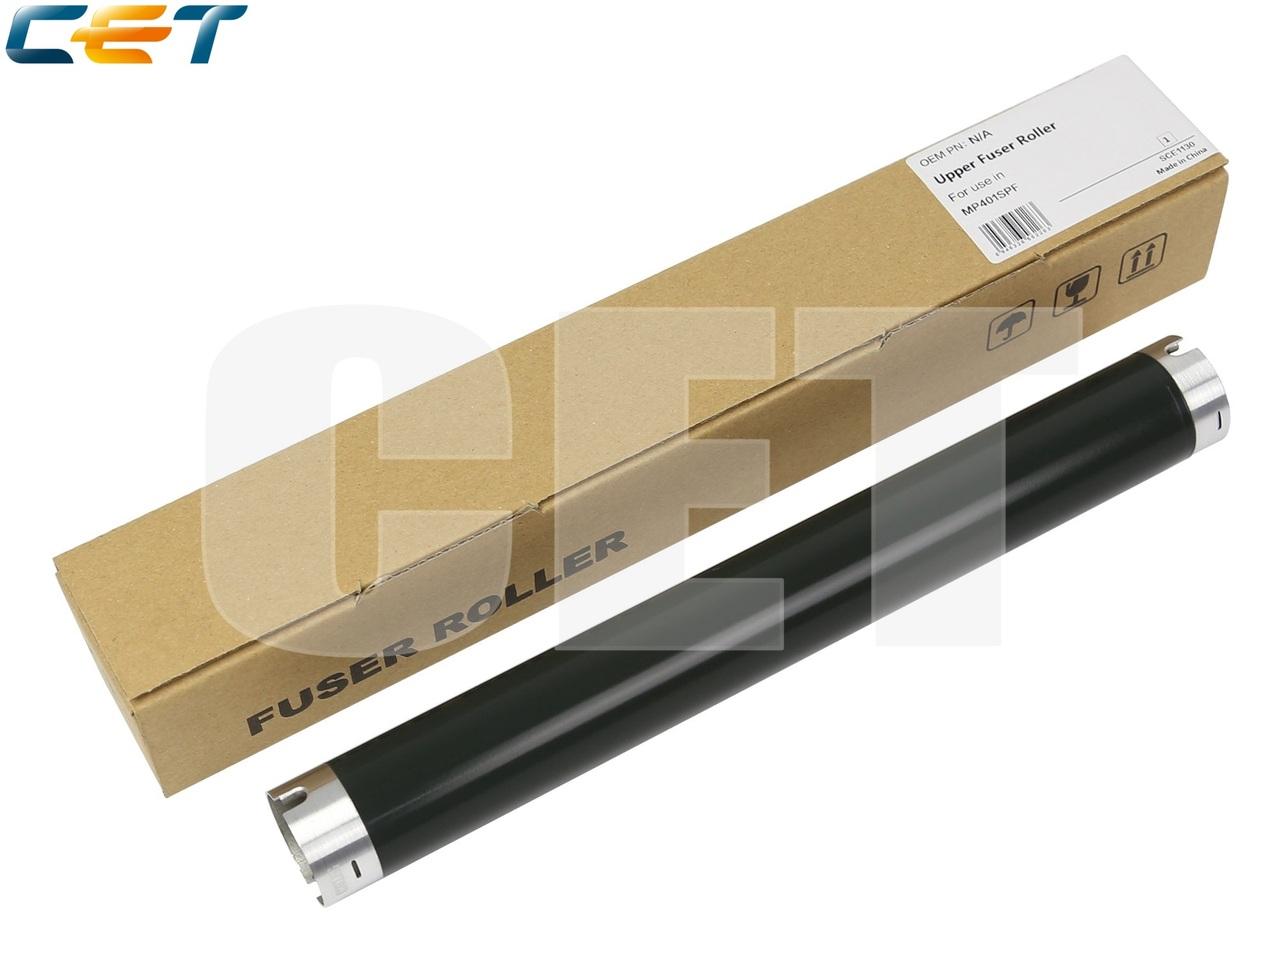 Тефлоновый вал для RICOH MP401SPF (CET), CET6226